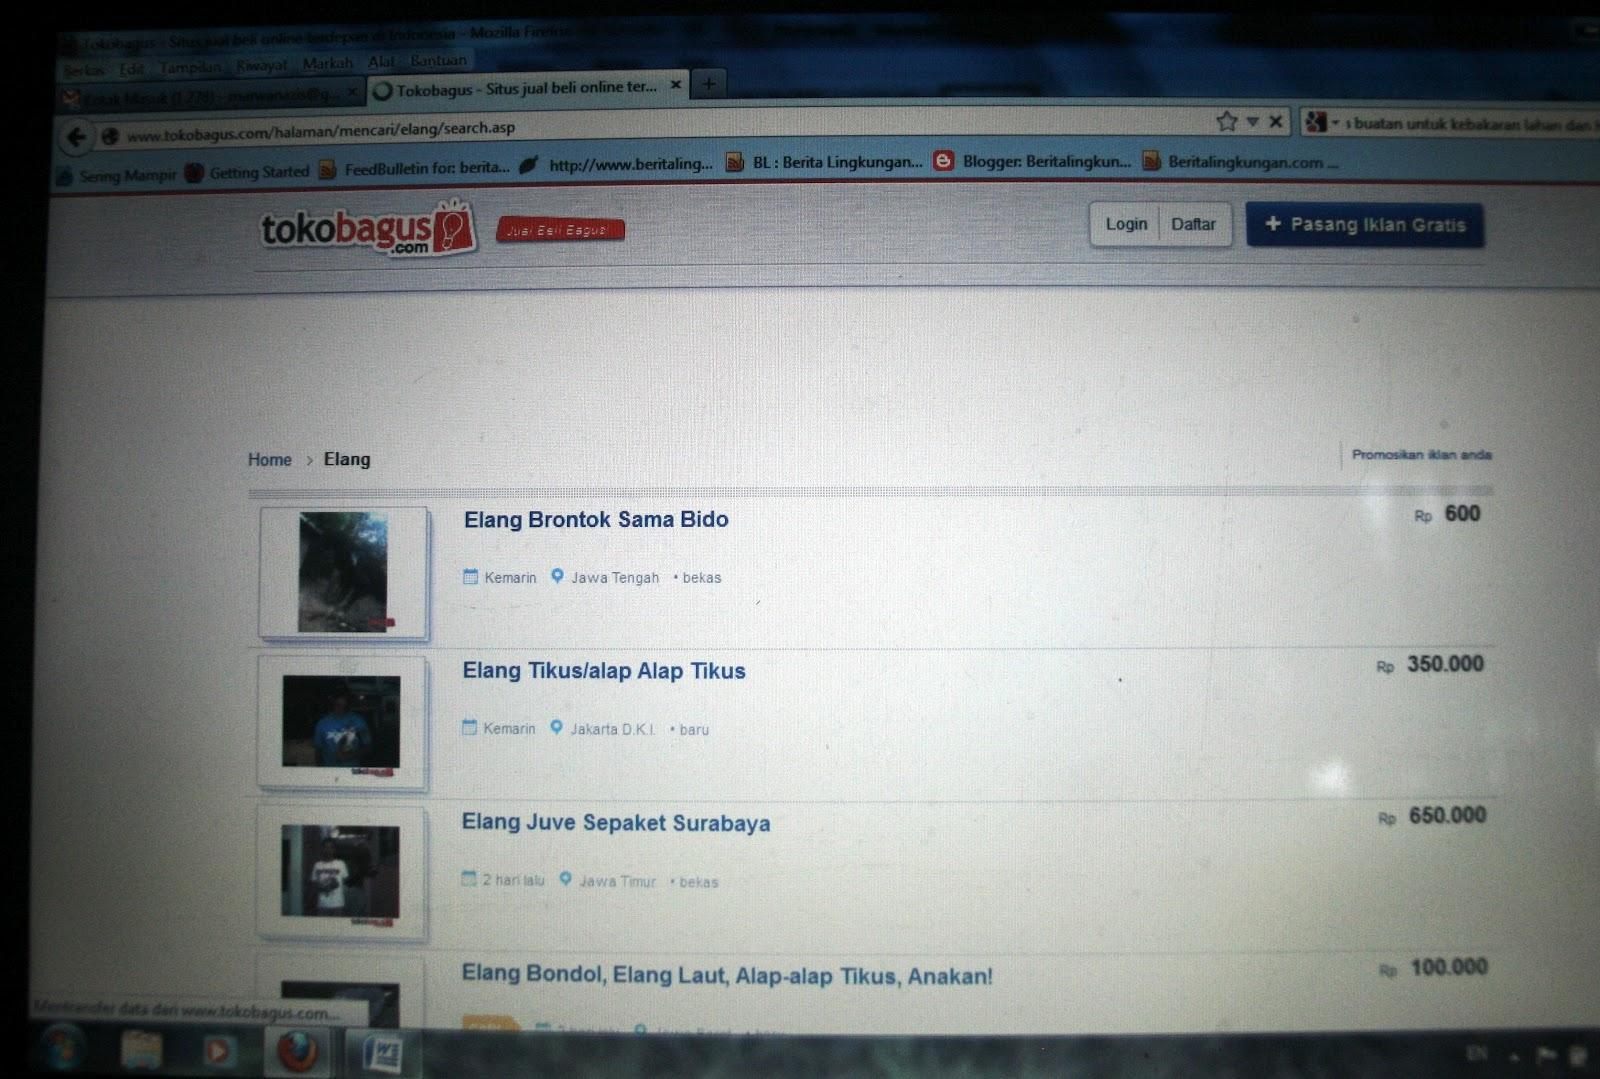 http://3.bp.blogspot.com/-wpts75KC6hQ/UCmVtHAT7ZI/AAAAAAAAB2E/8urQab0hC2M/s1600/jual%2Belang%2Bdi%2Btokobagus.com.jpg